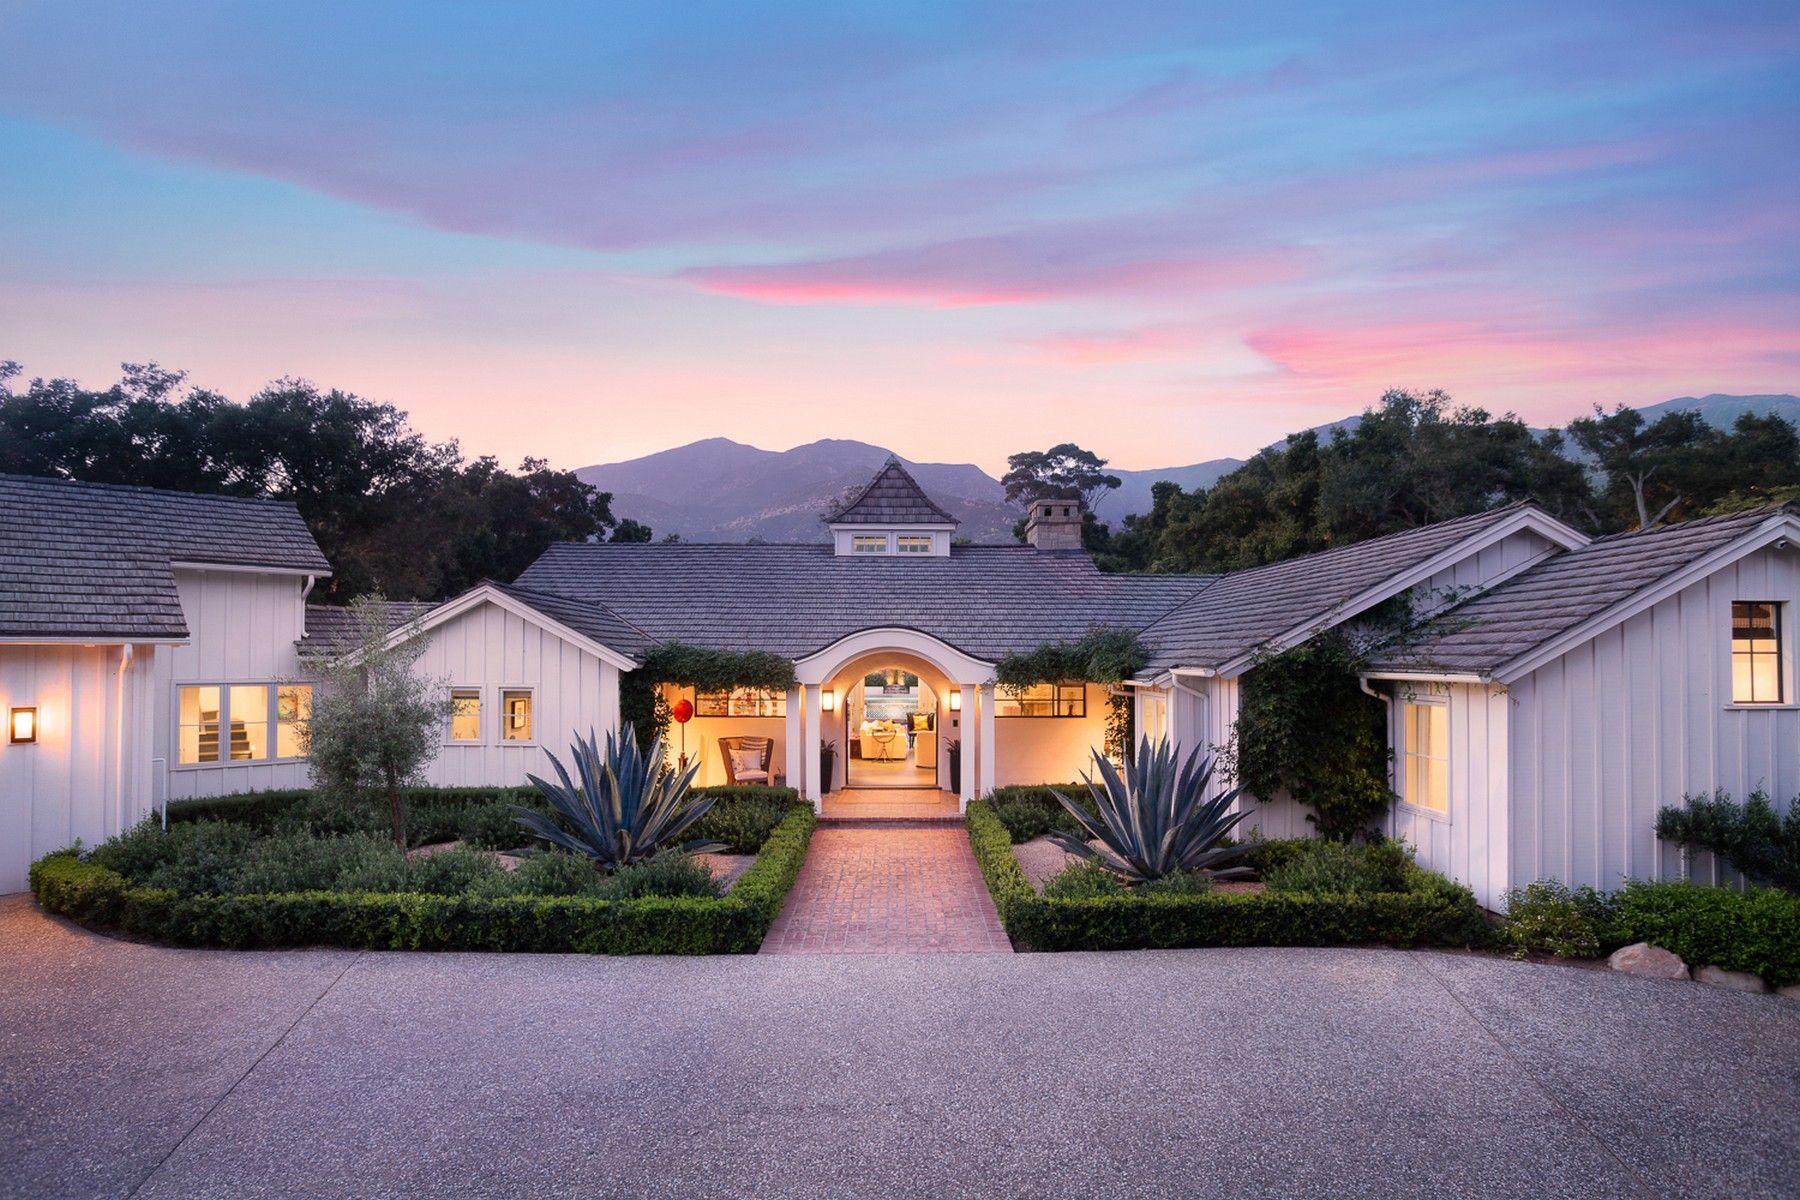 Single Family Homes for Sale at Modern Montecito Farmhouse 645 El Bosque Road Santa Barbara, California 93108 United States